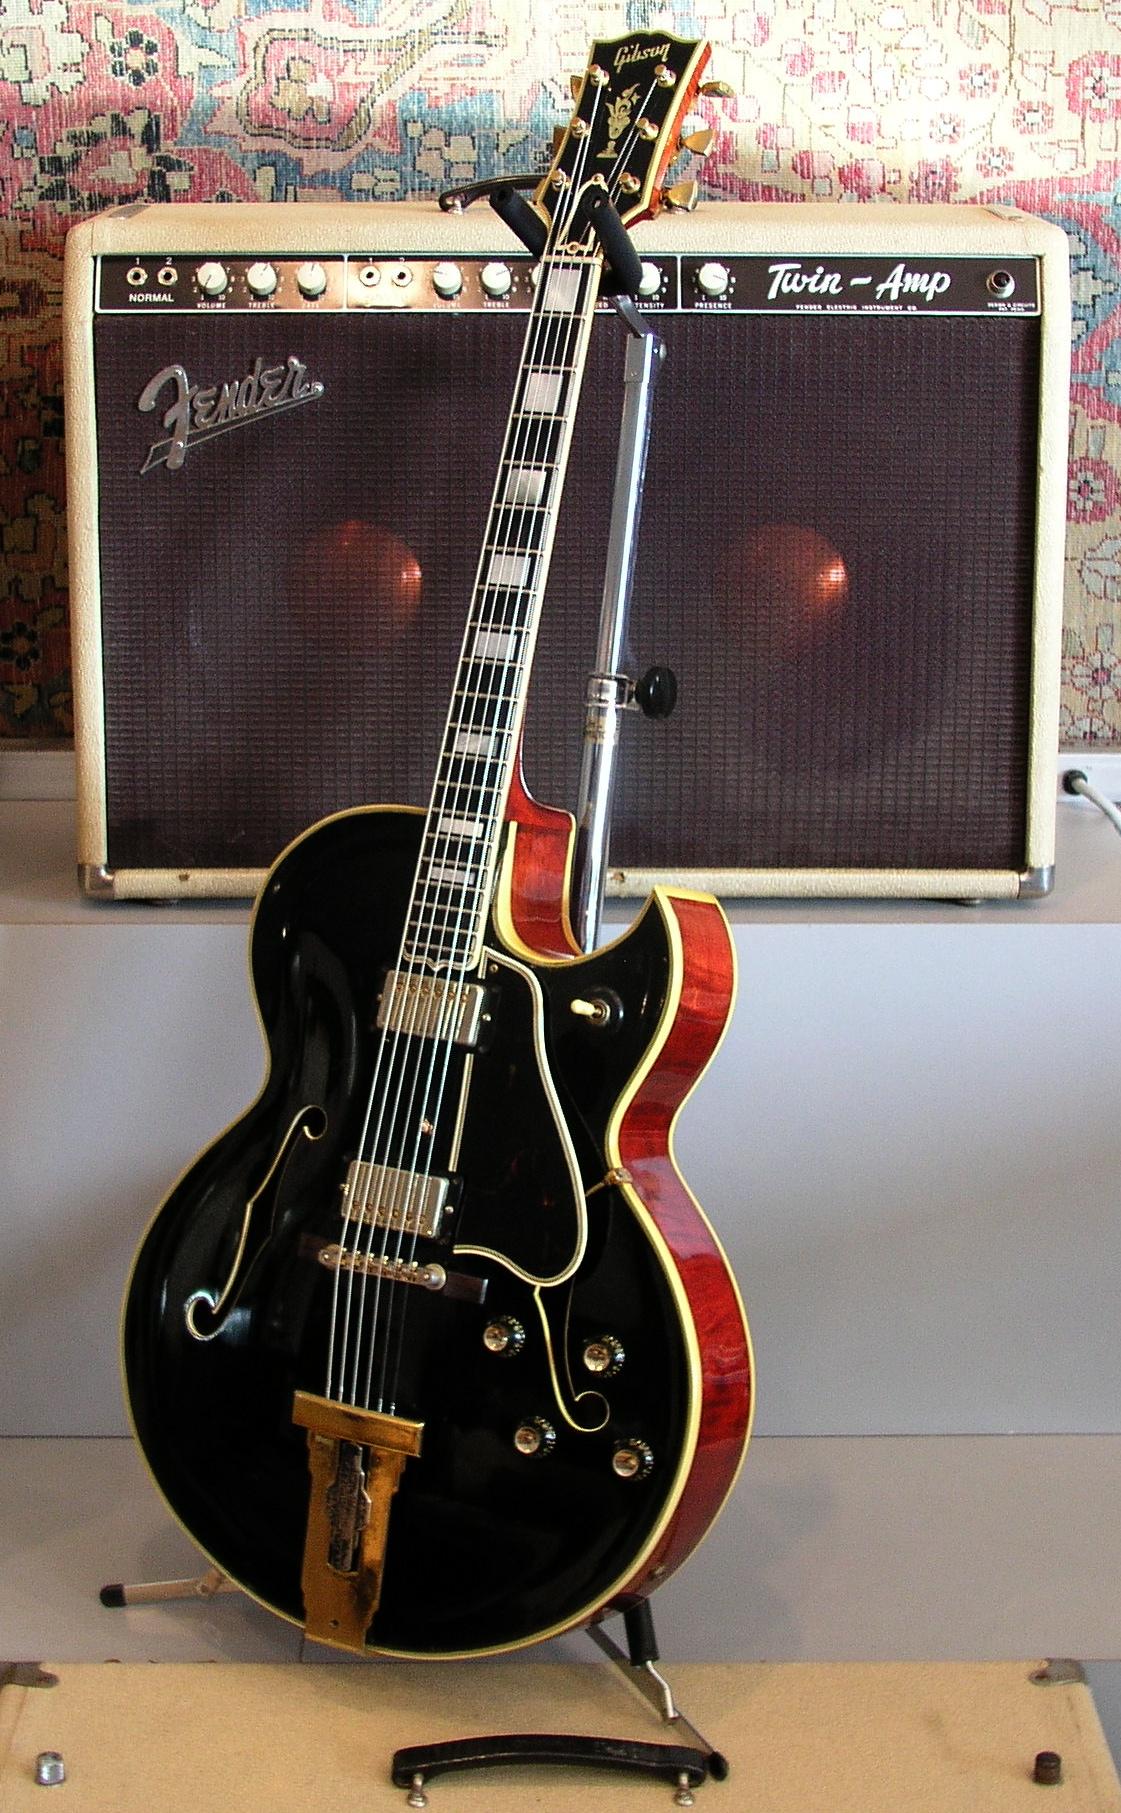 gibson l 5ces 1961 guitar for sale guitar exchange. Black Bedroom Furniture Sets. Home Design Ideas